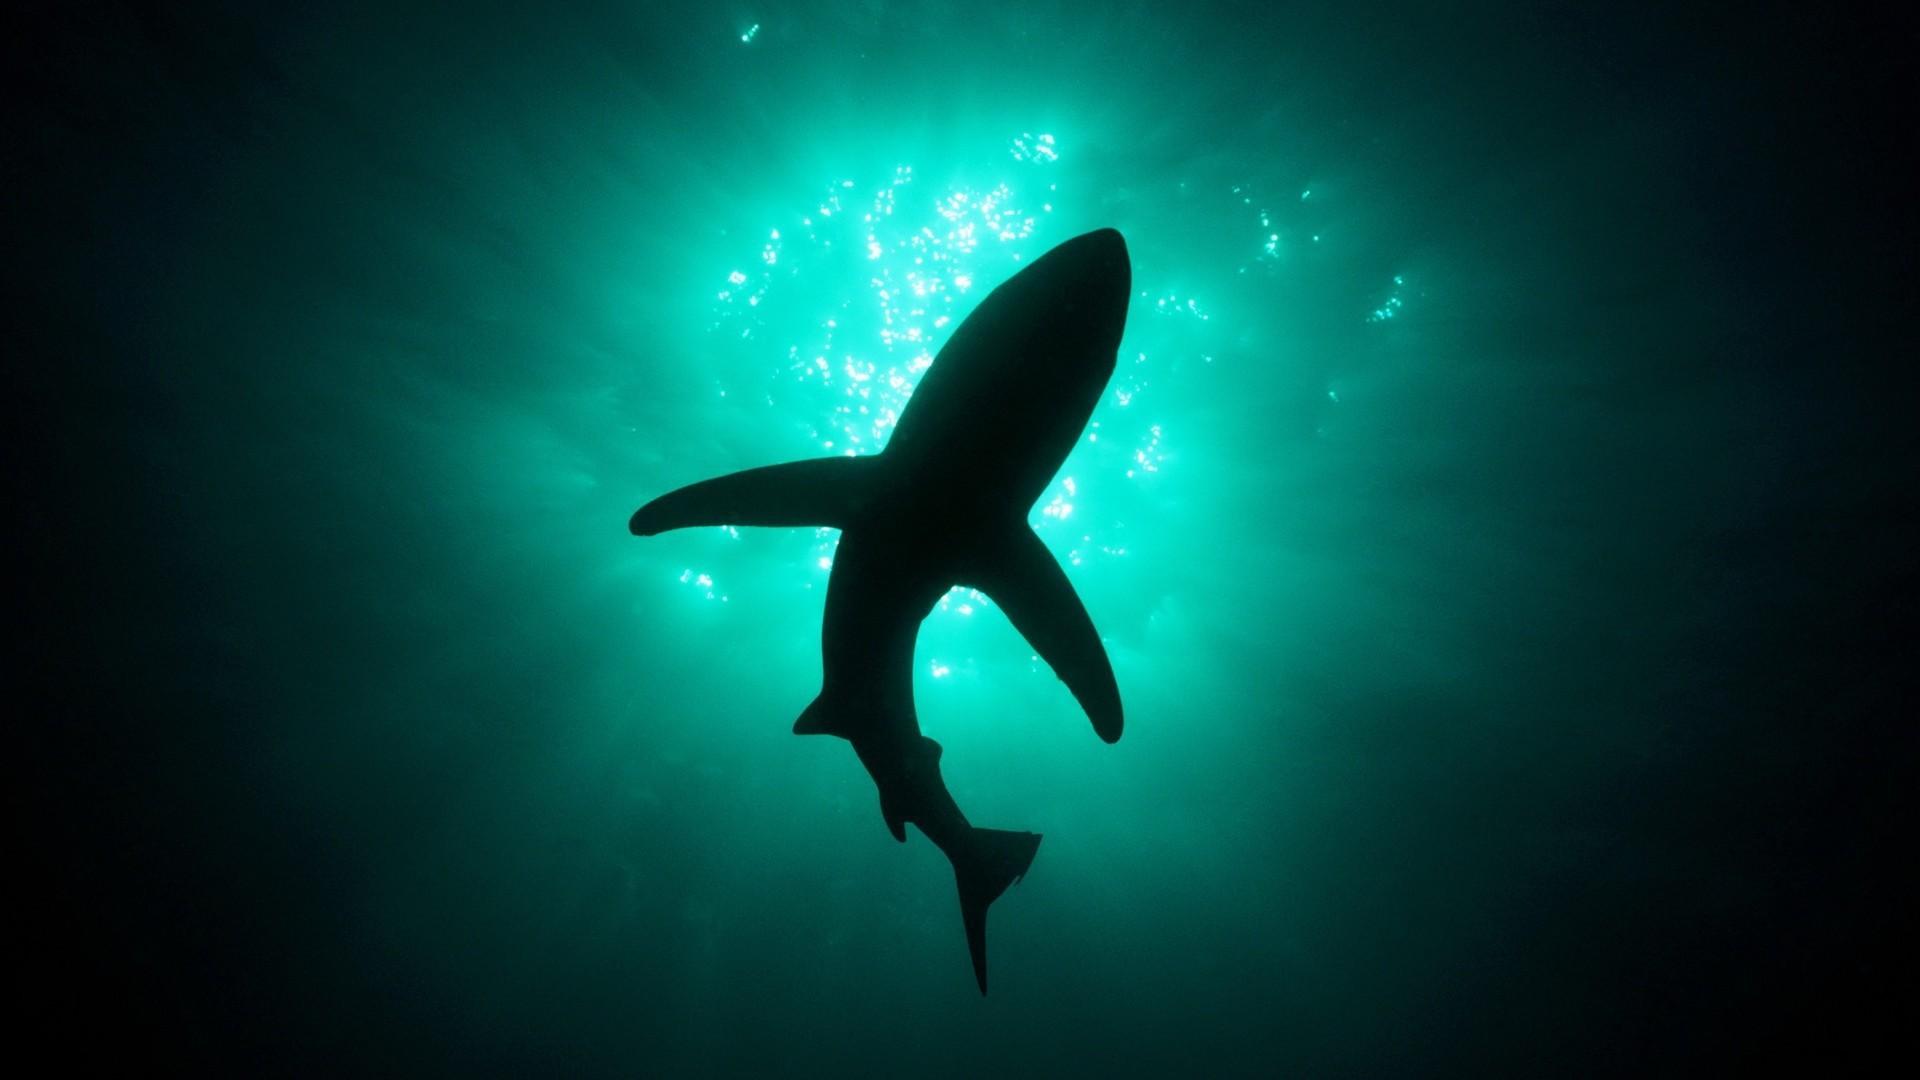 Обои на рабочий стол 1680х1050 акулы